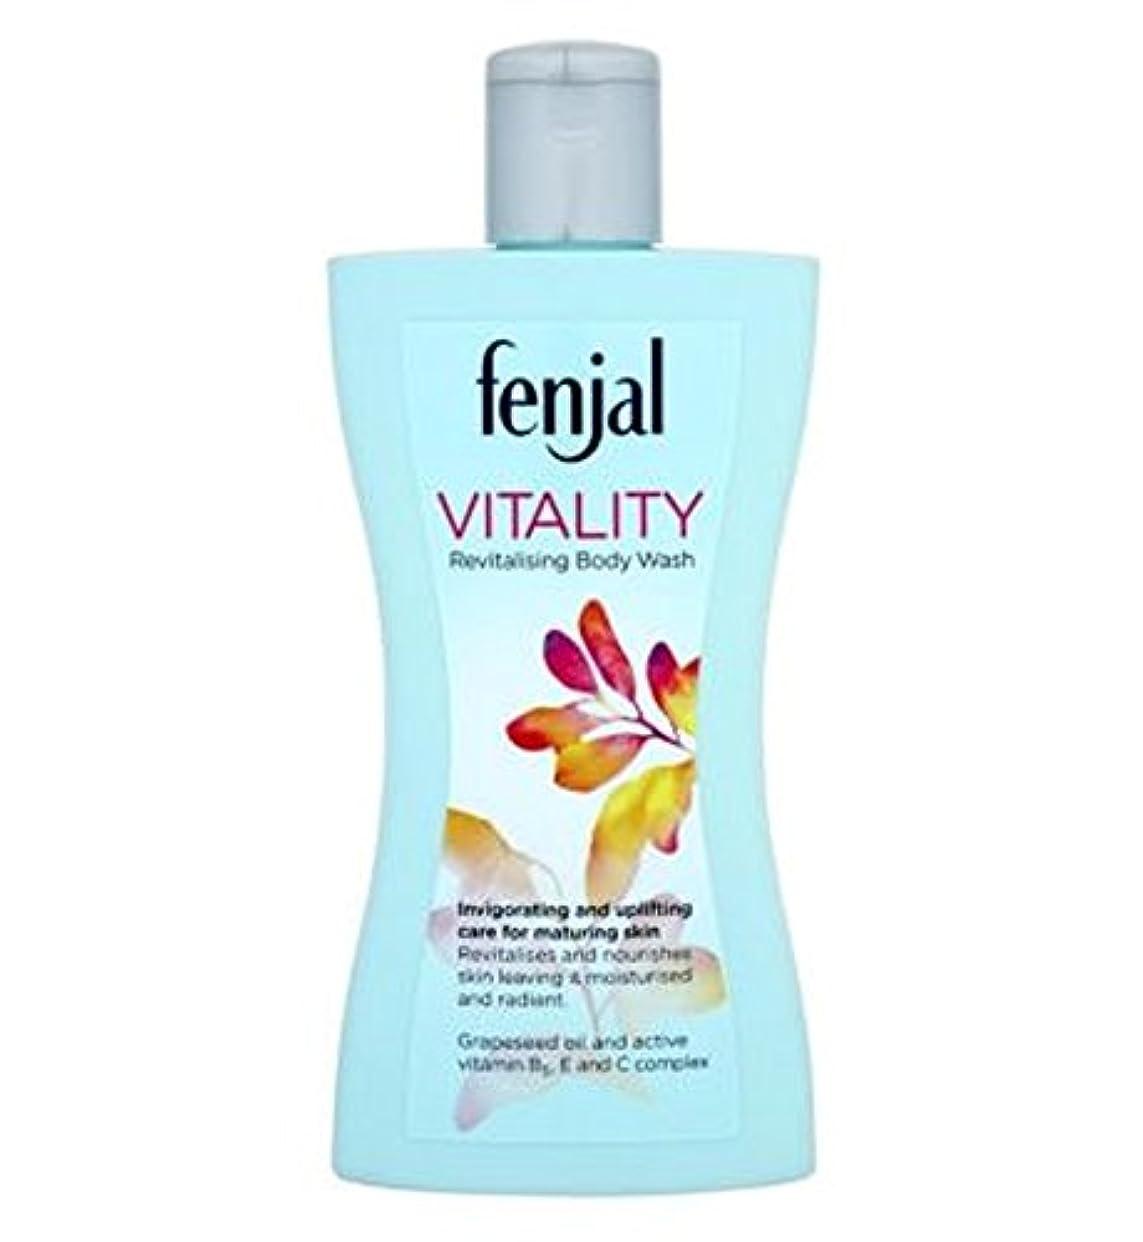 出力死んでいるスチールFenjal Vitality revitalising Body Wash - Fenjal活力活性化ボディウォッシュ (Fenjal) [並行輸入品]